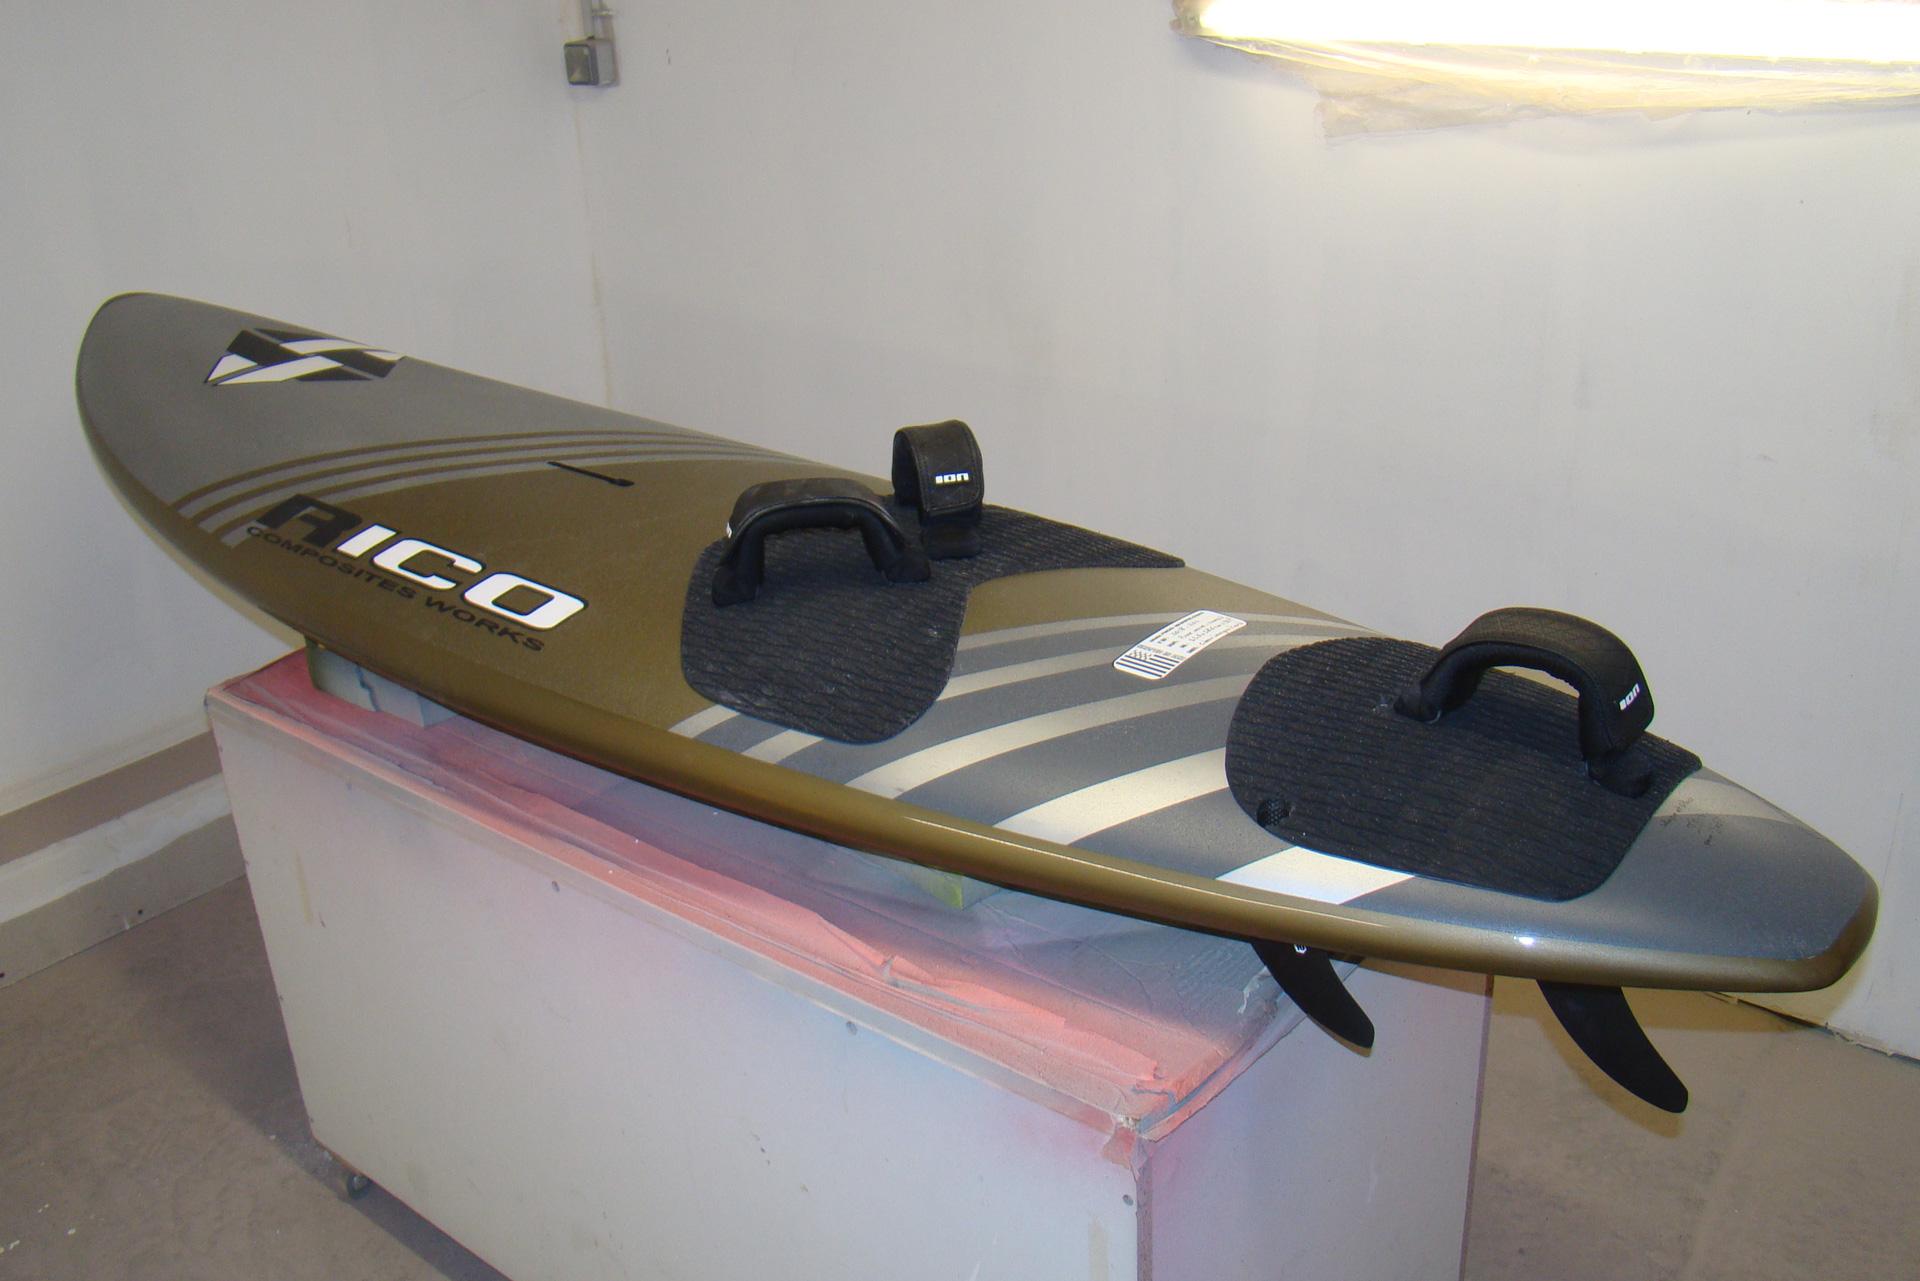 Rico custom board freewave 92, 226x58.6cm